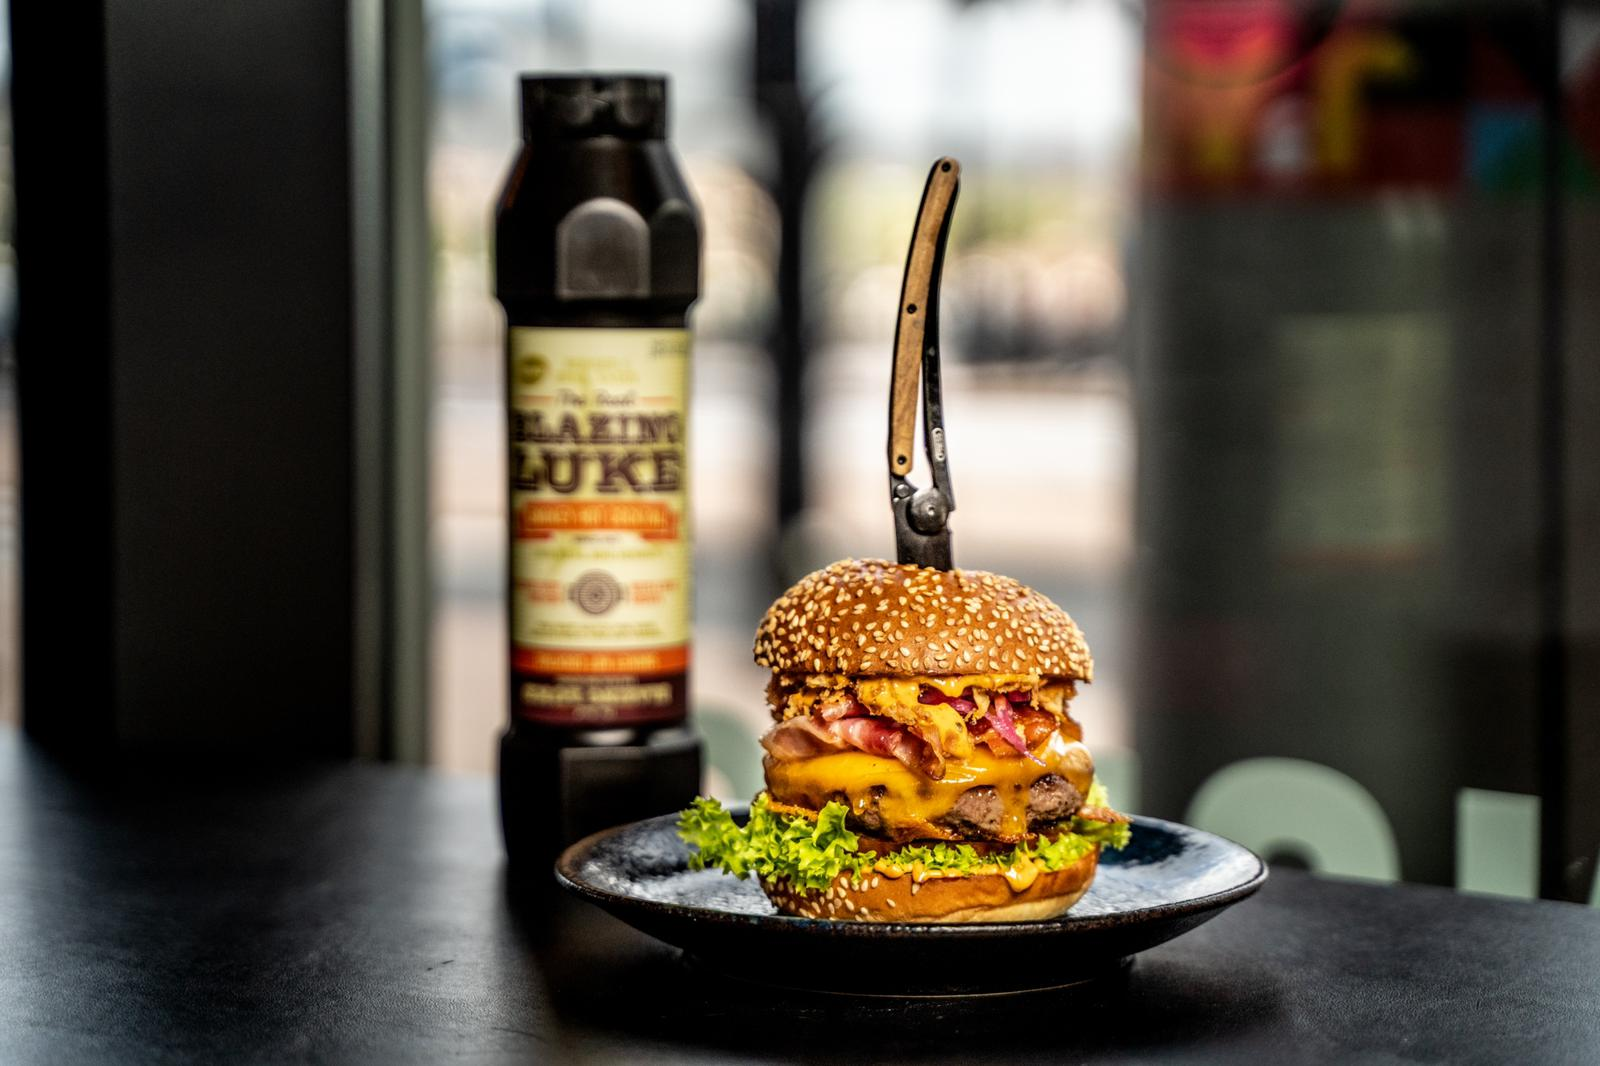 Ek burger Diego Buik